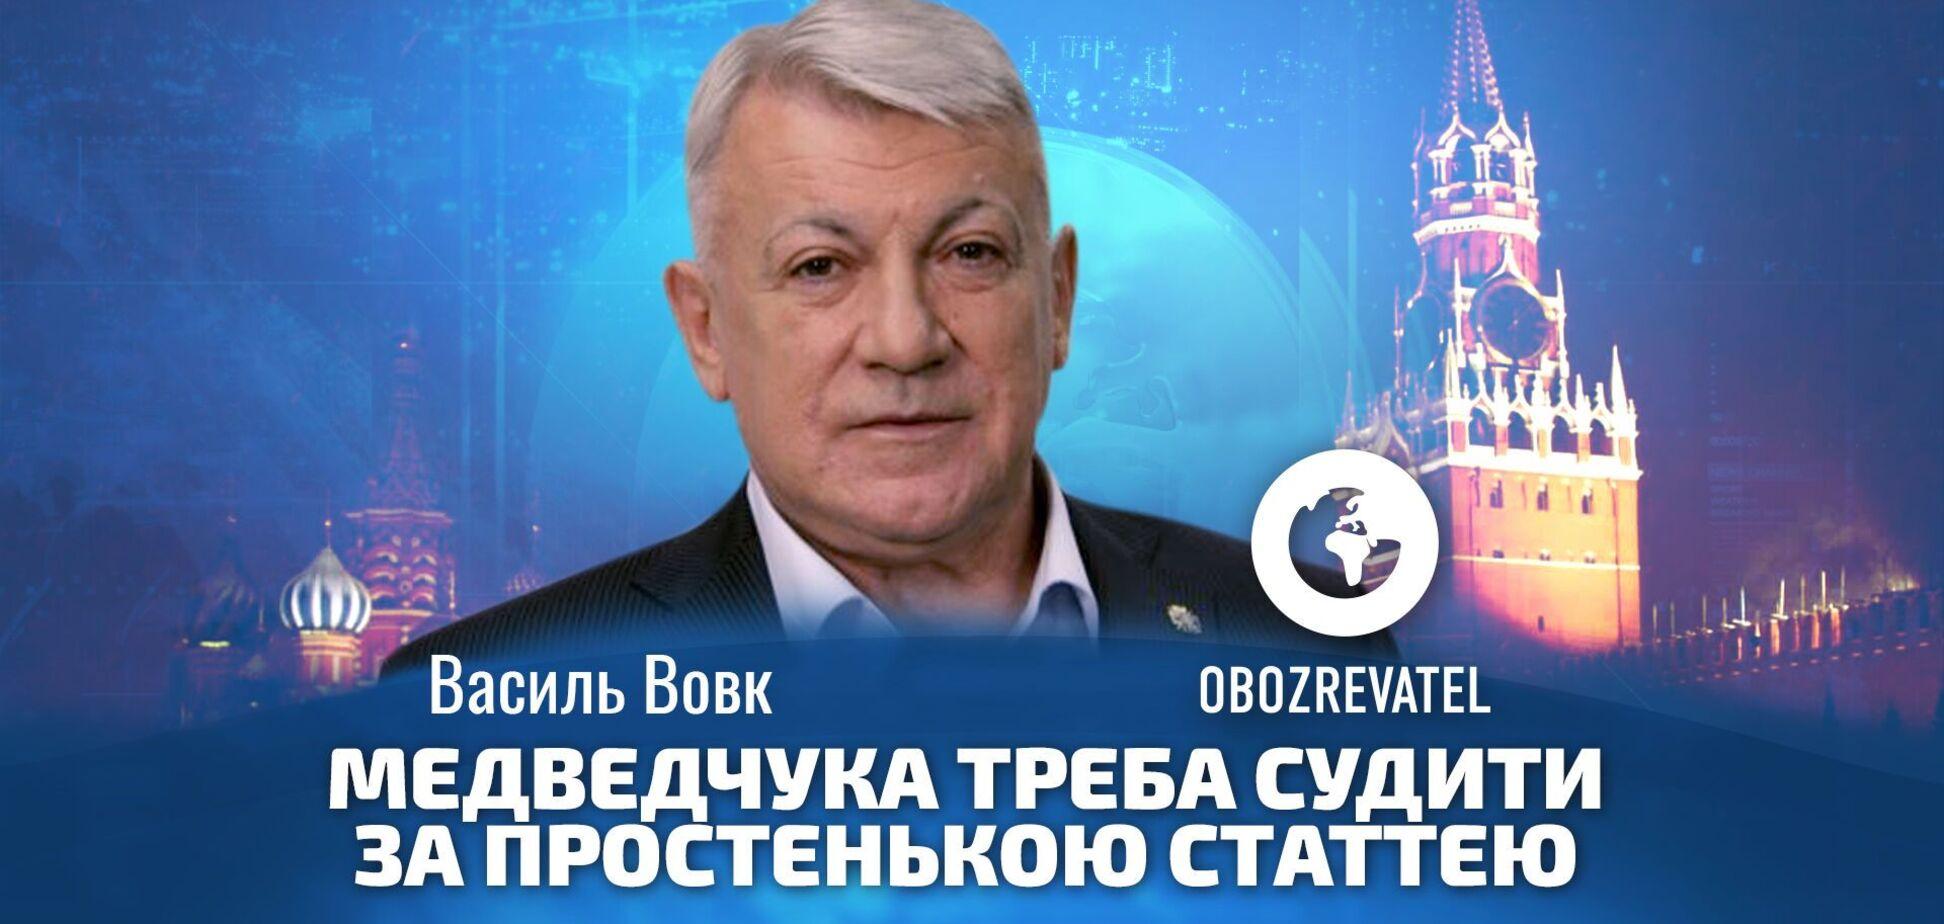 Медведчук може утекти до Росії, – Вовк